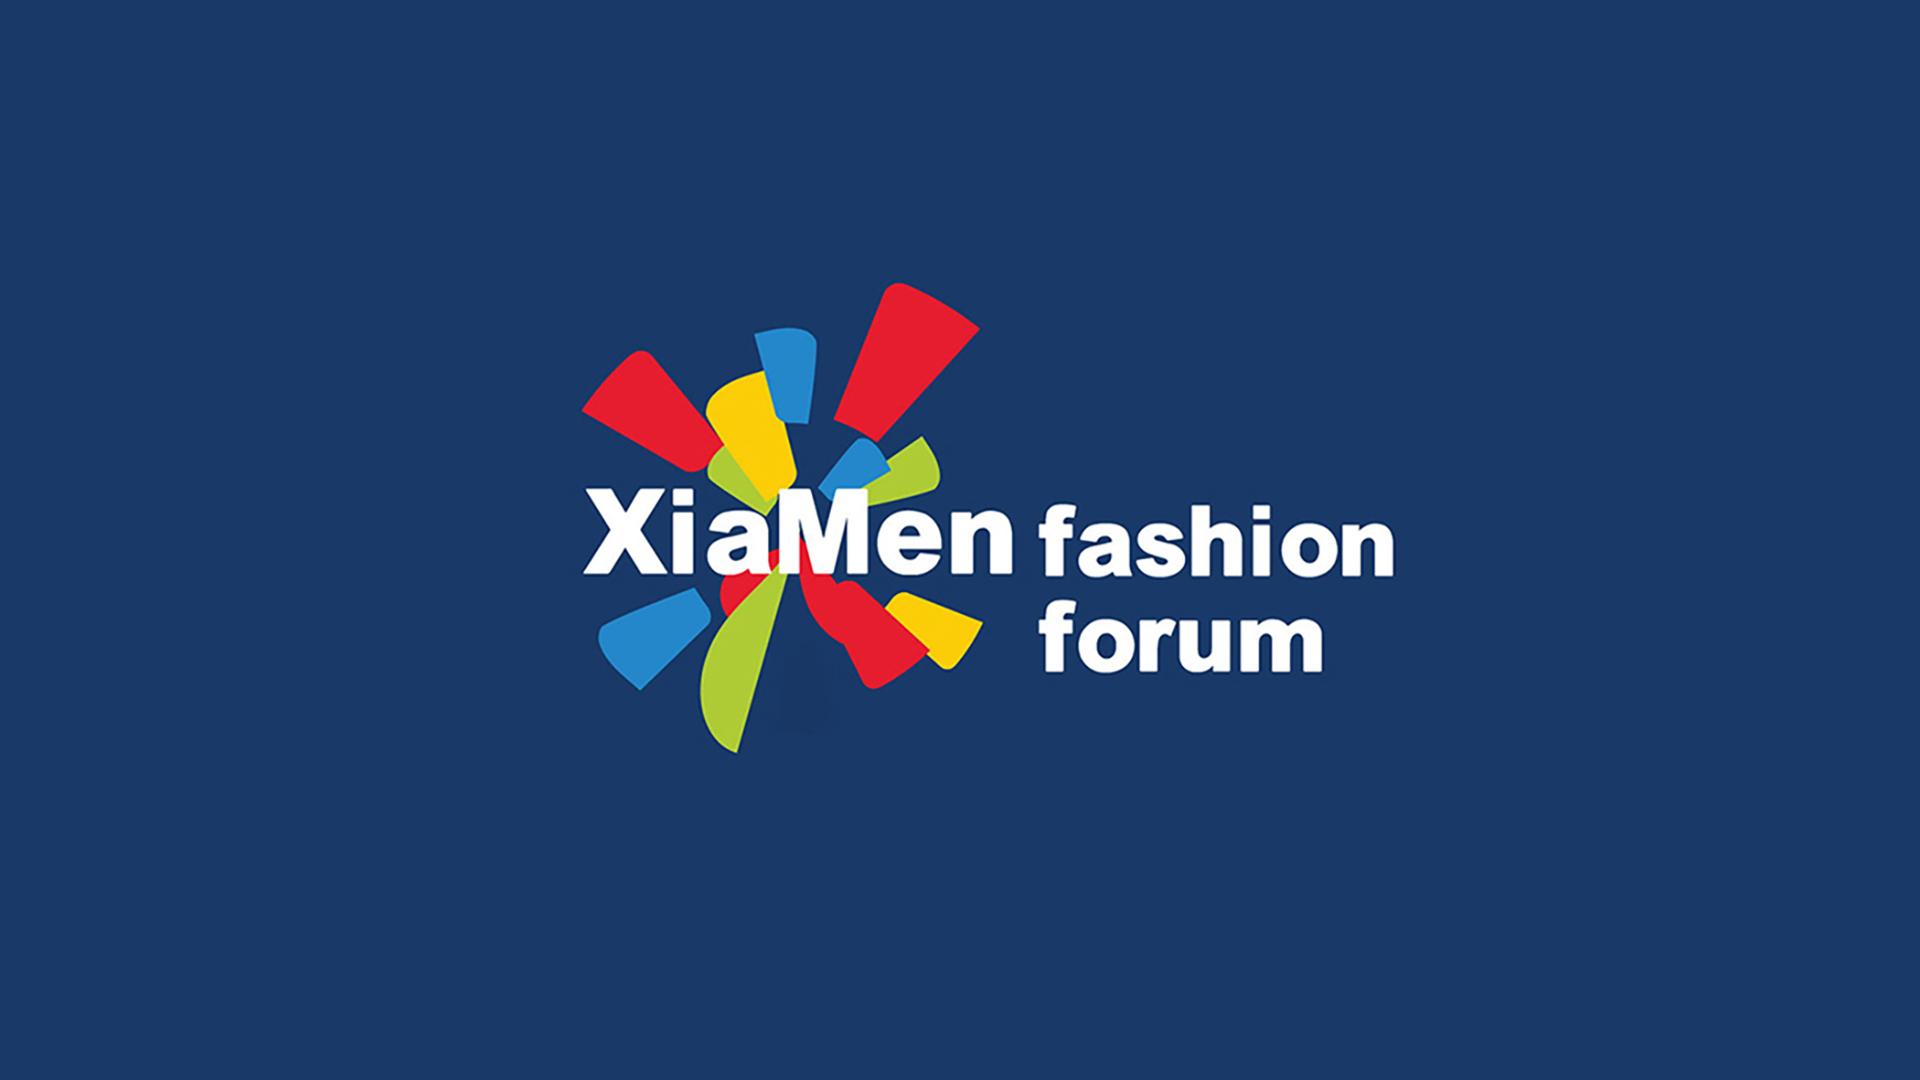 厦门时尚论坛 logo深色背景展示效果